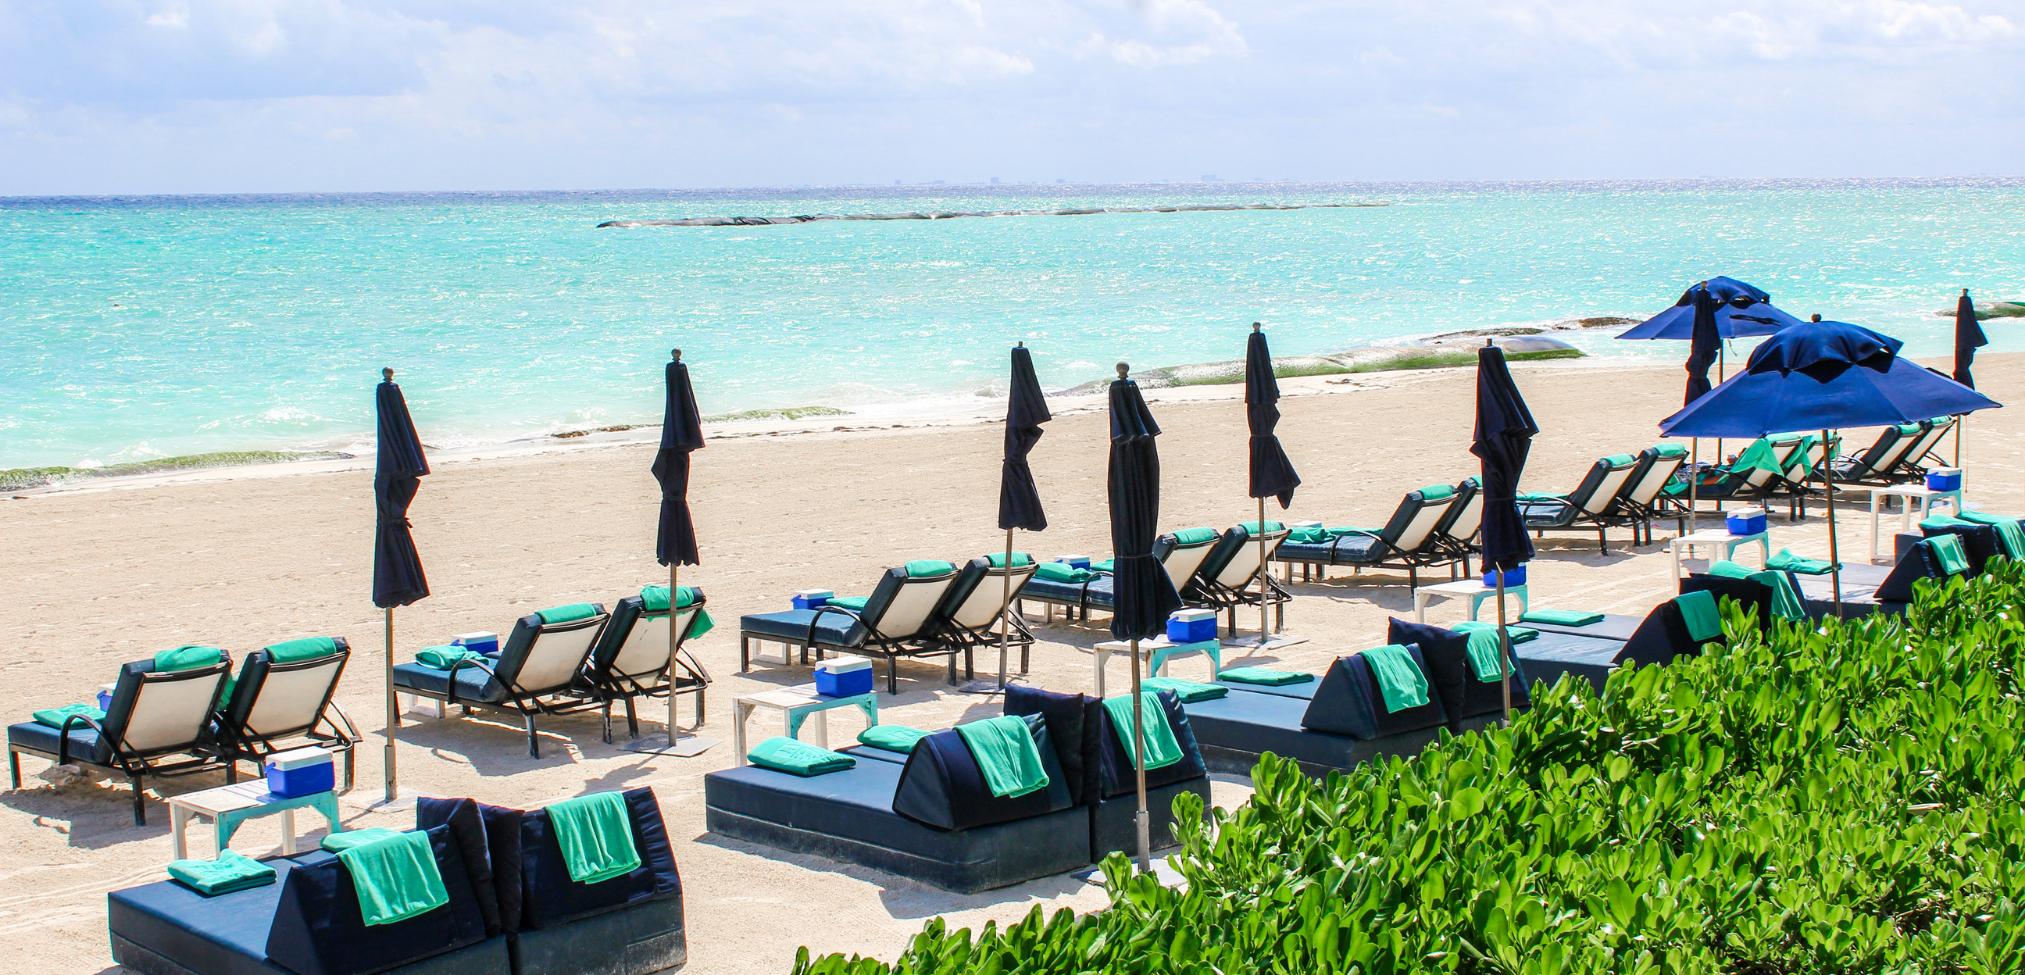 Hotels in Playa del Carmen: Mayakoba